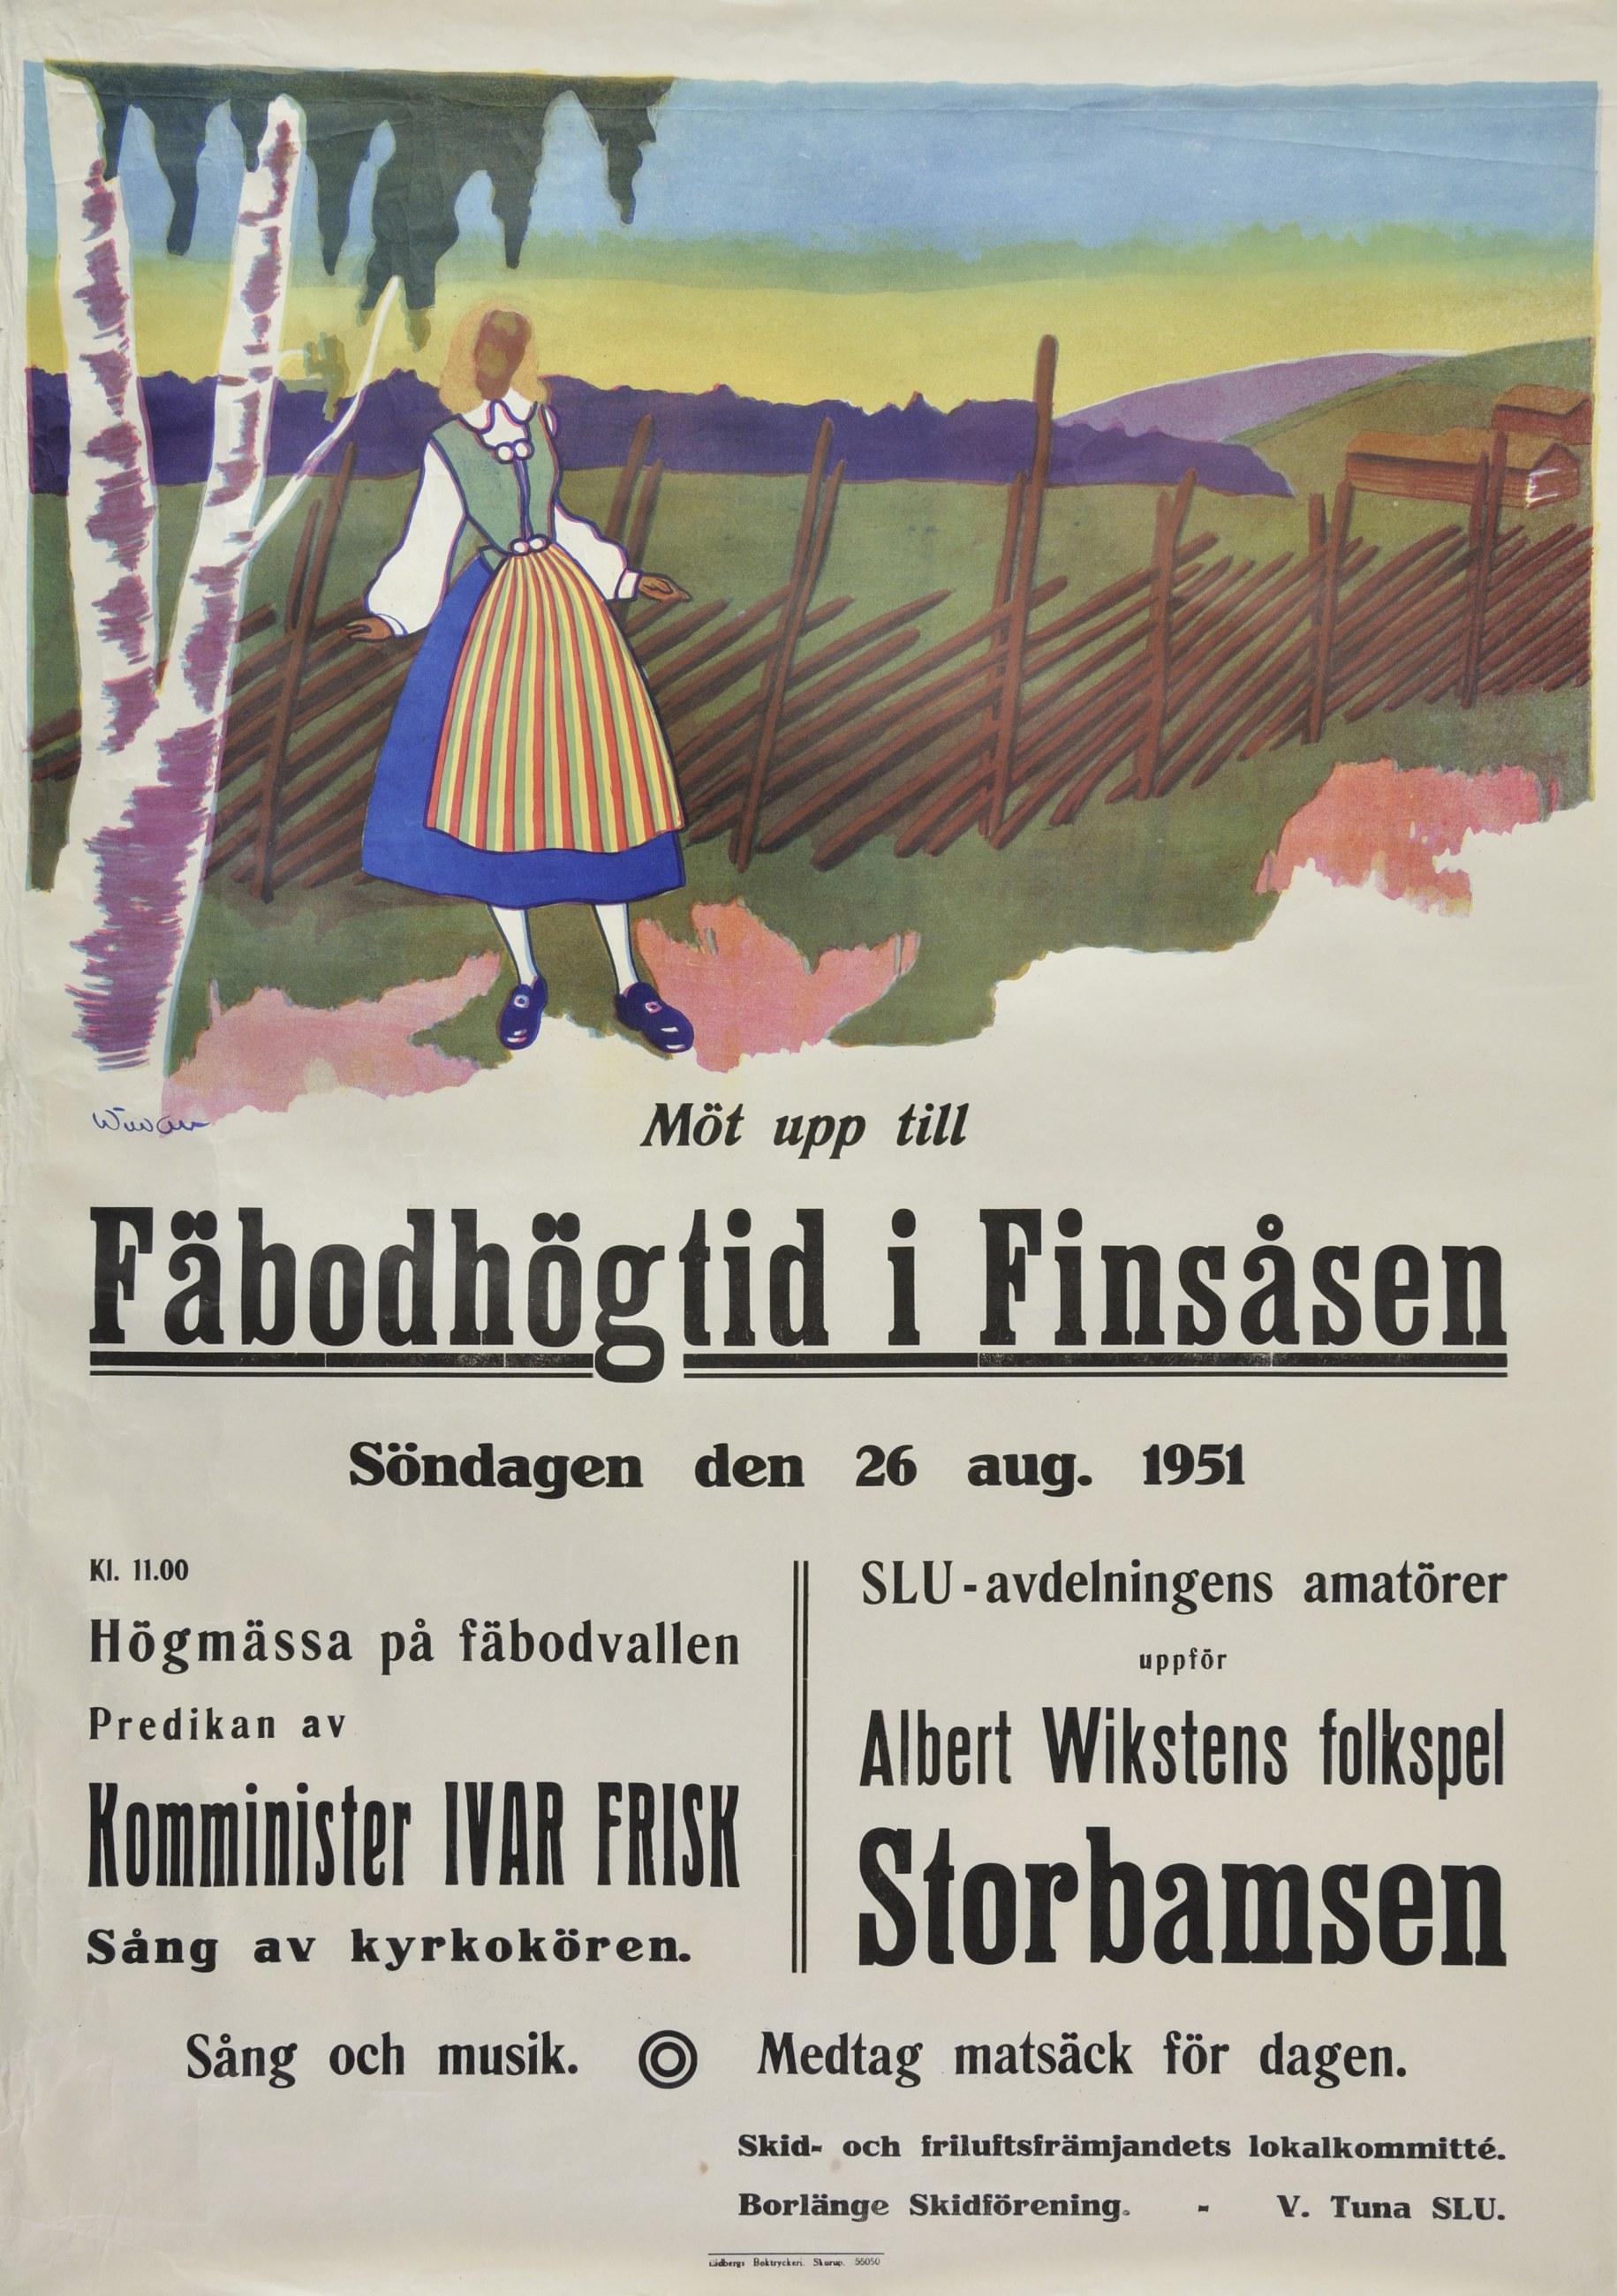 Affisch om Fäbodhögtid i Finsåsen